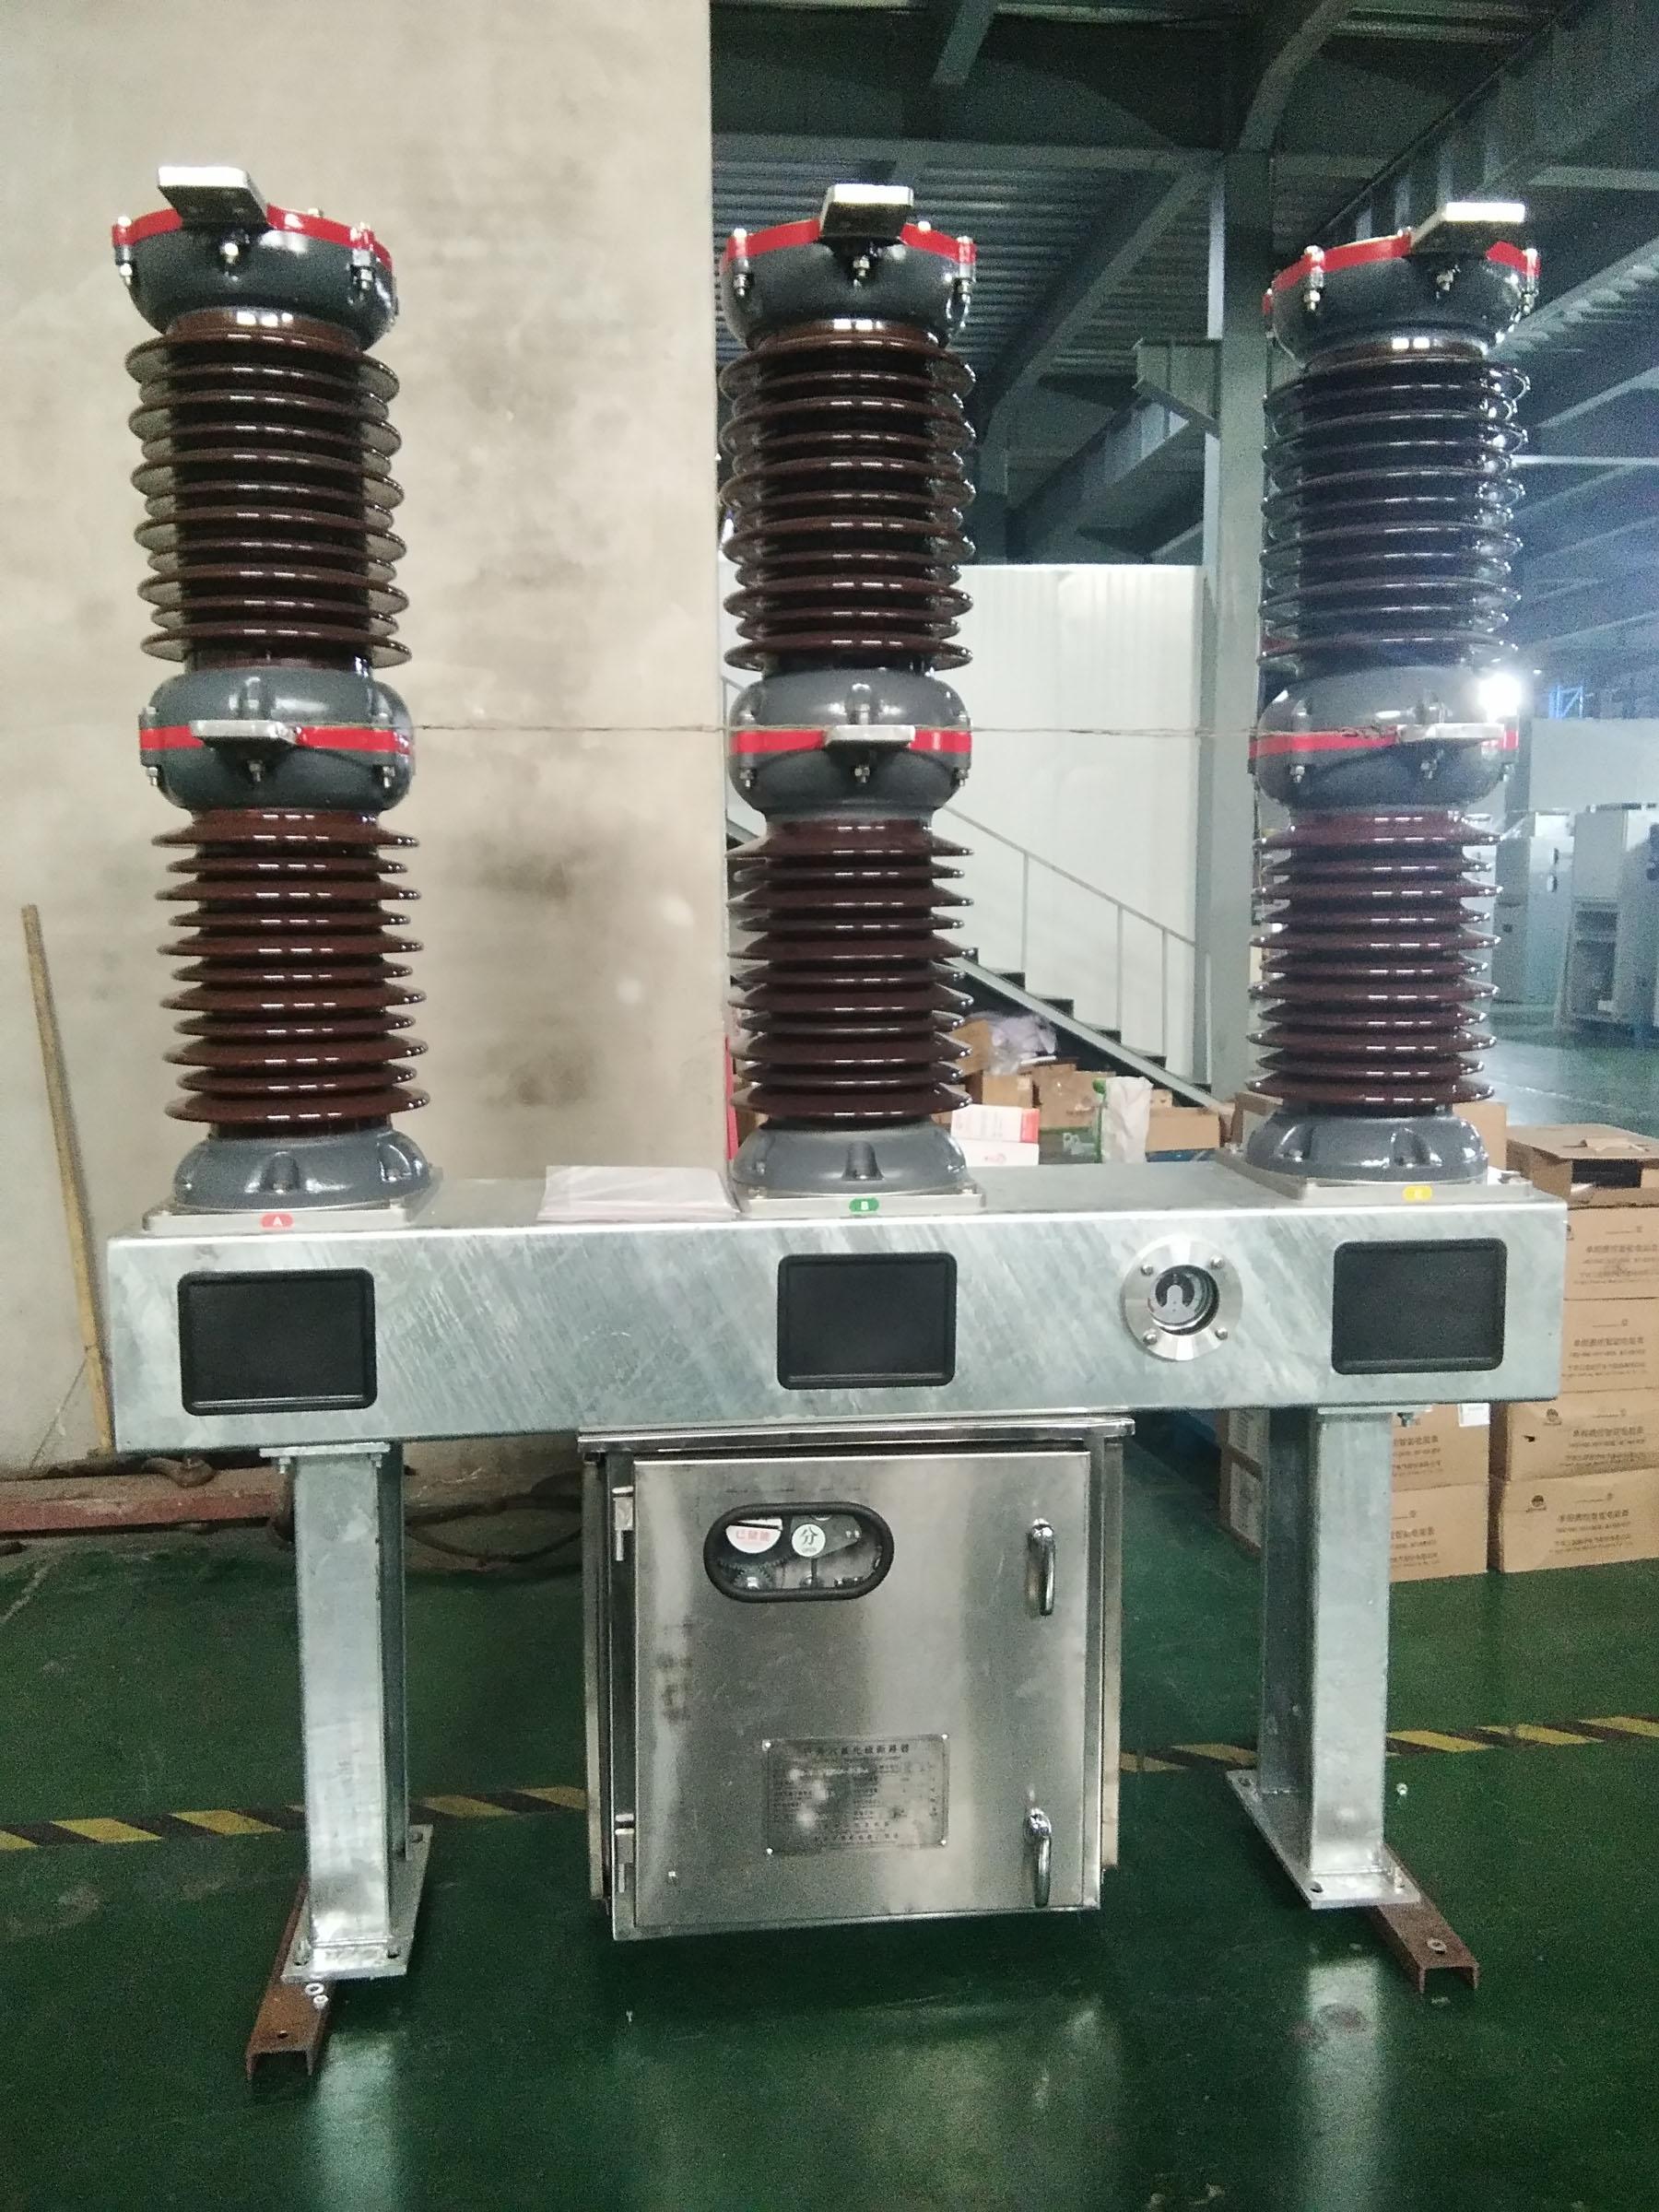 户外防雨配电柜配电箱RD_原装配电箱厂家相关-西安市秦岭电器厂